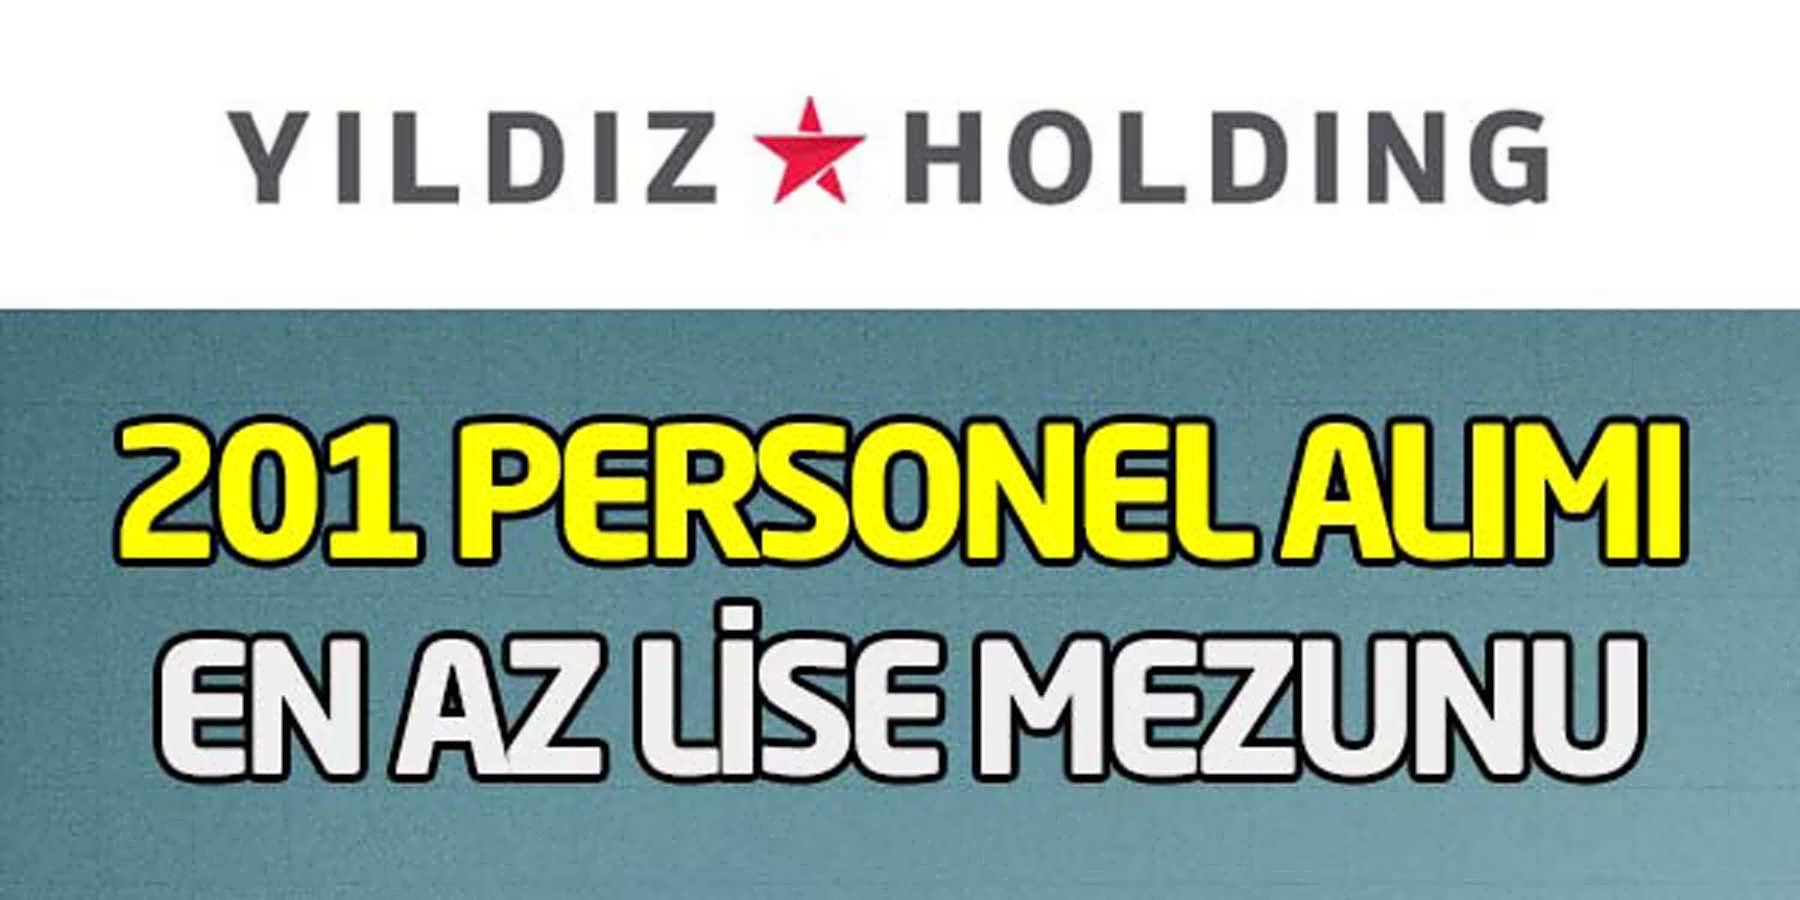 Yıldız Holding 201 Personel Alımı